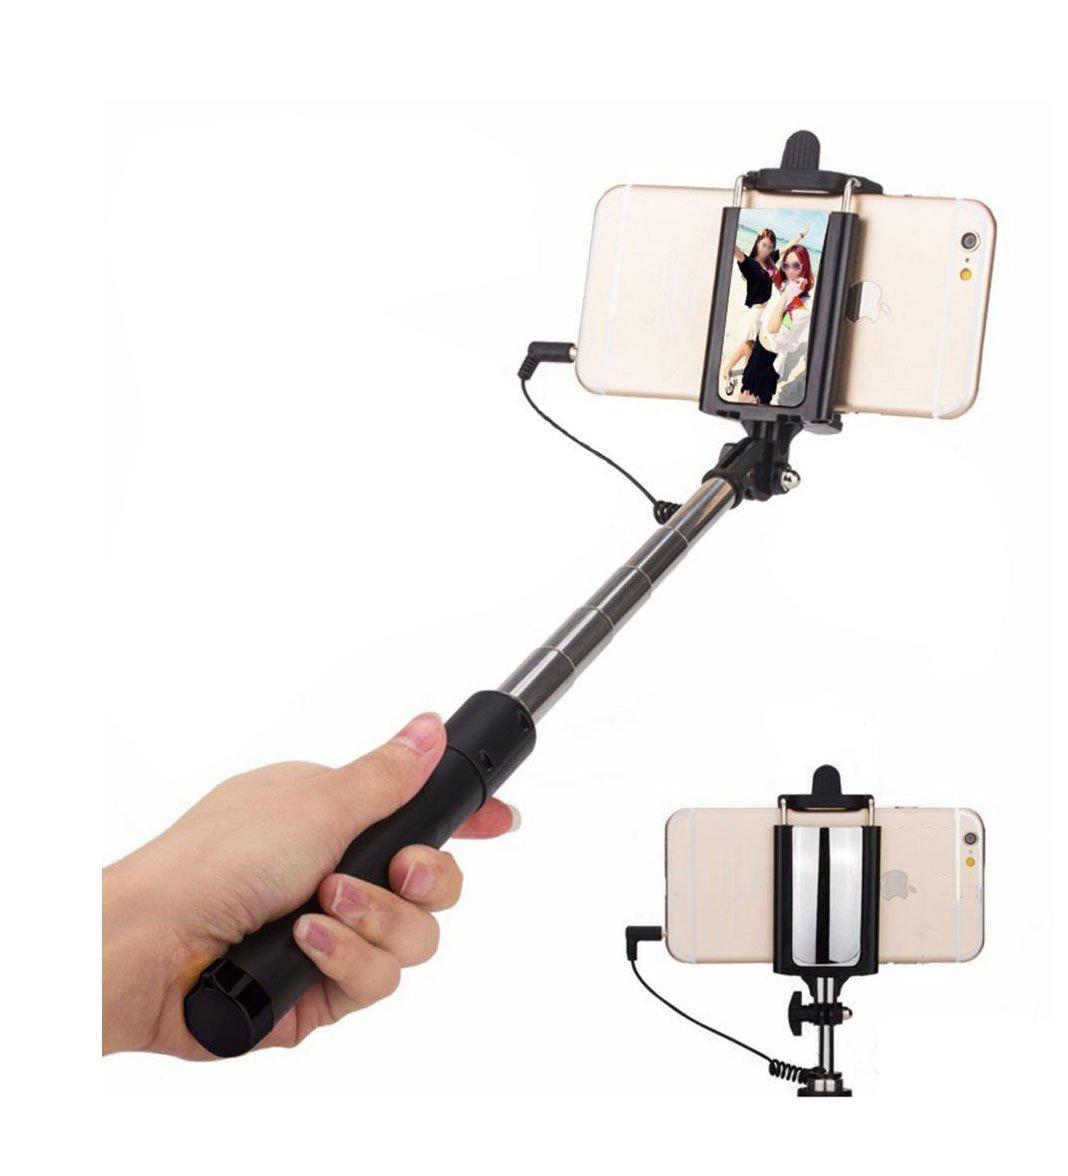 geekee 4011075 selfie stick brandsetter web ruh z. Black Bedroom Furniture Sets. Home Design Ideas